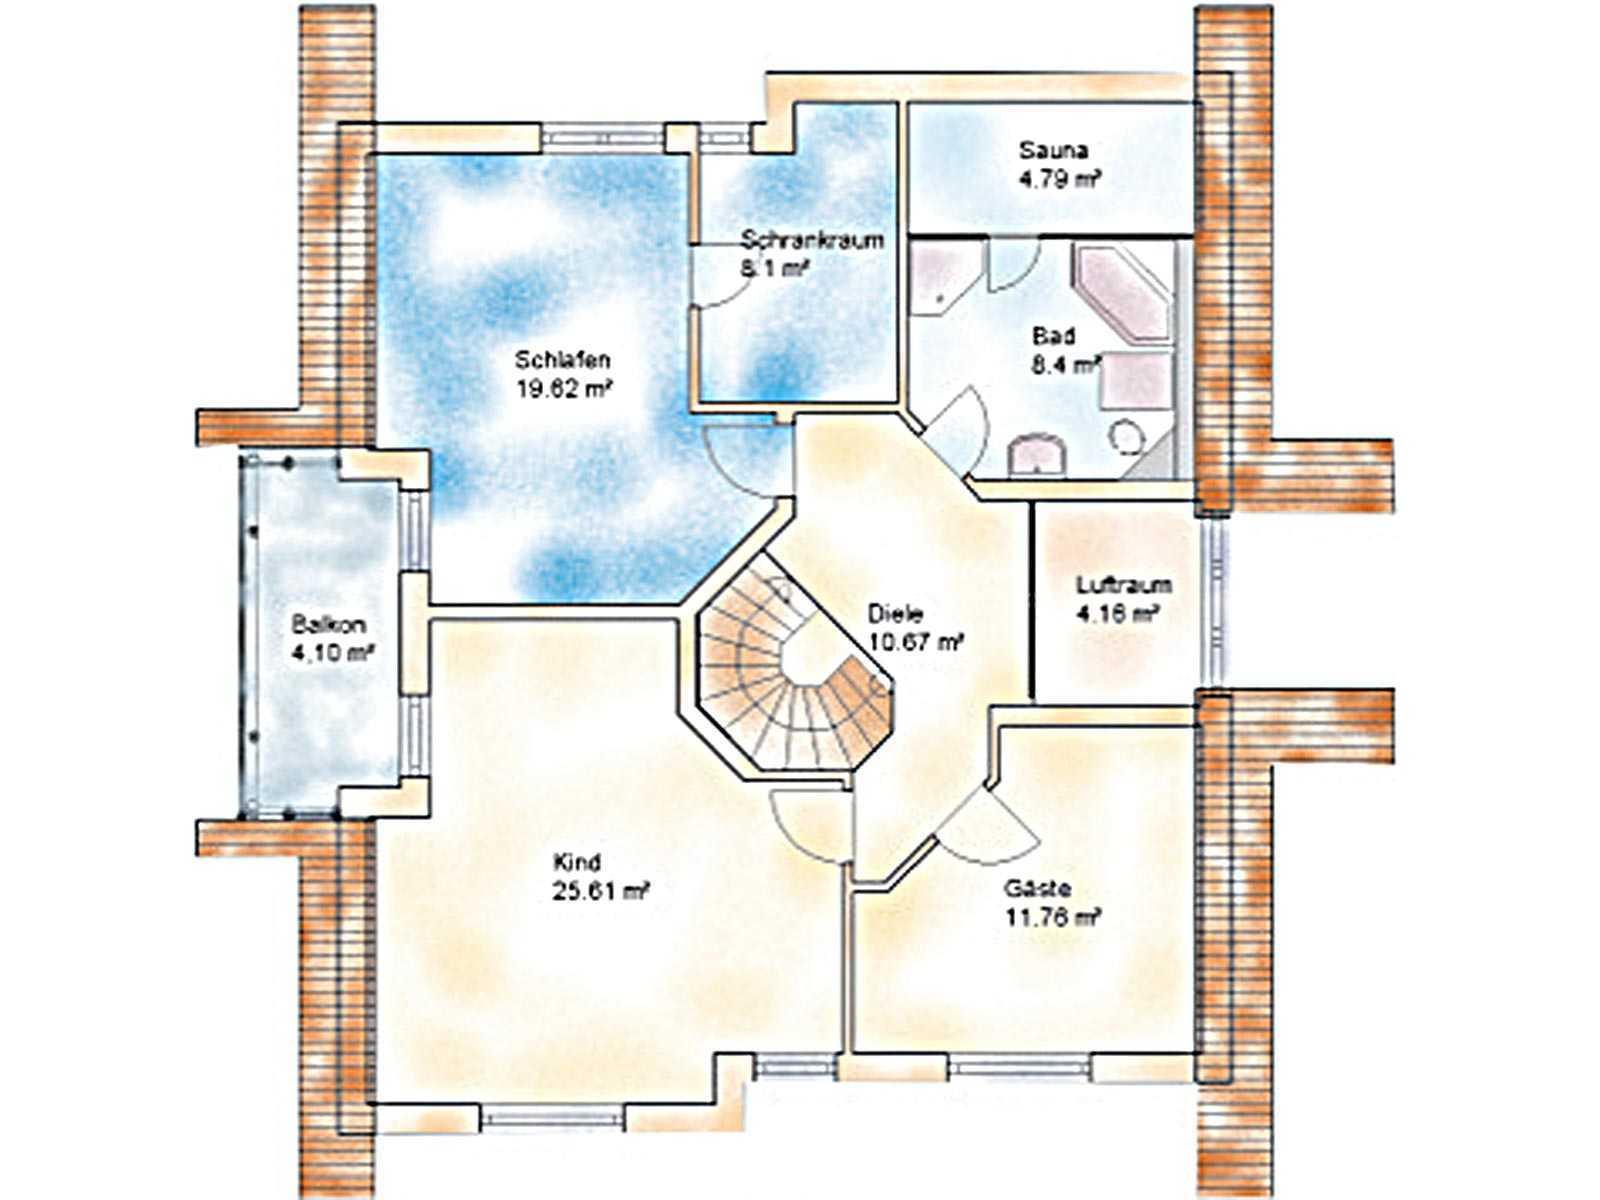 Haus Econ Grundriss Dachgeschoss